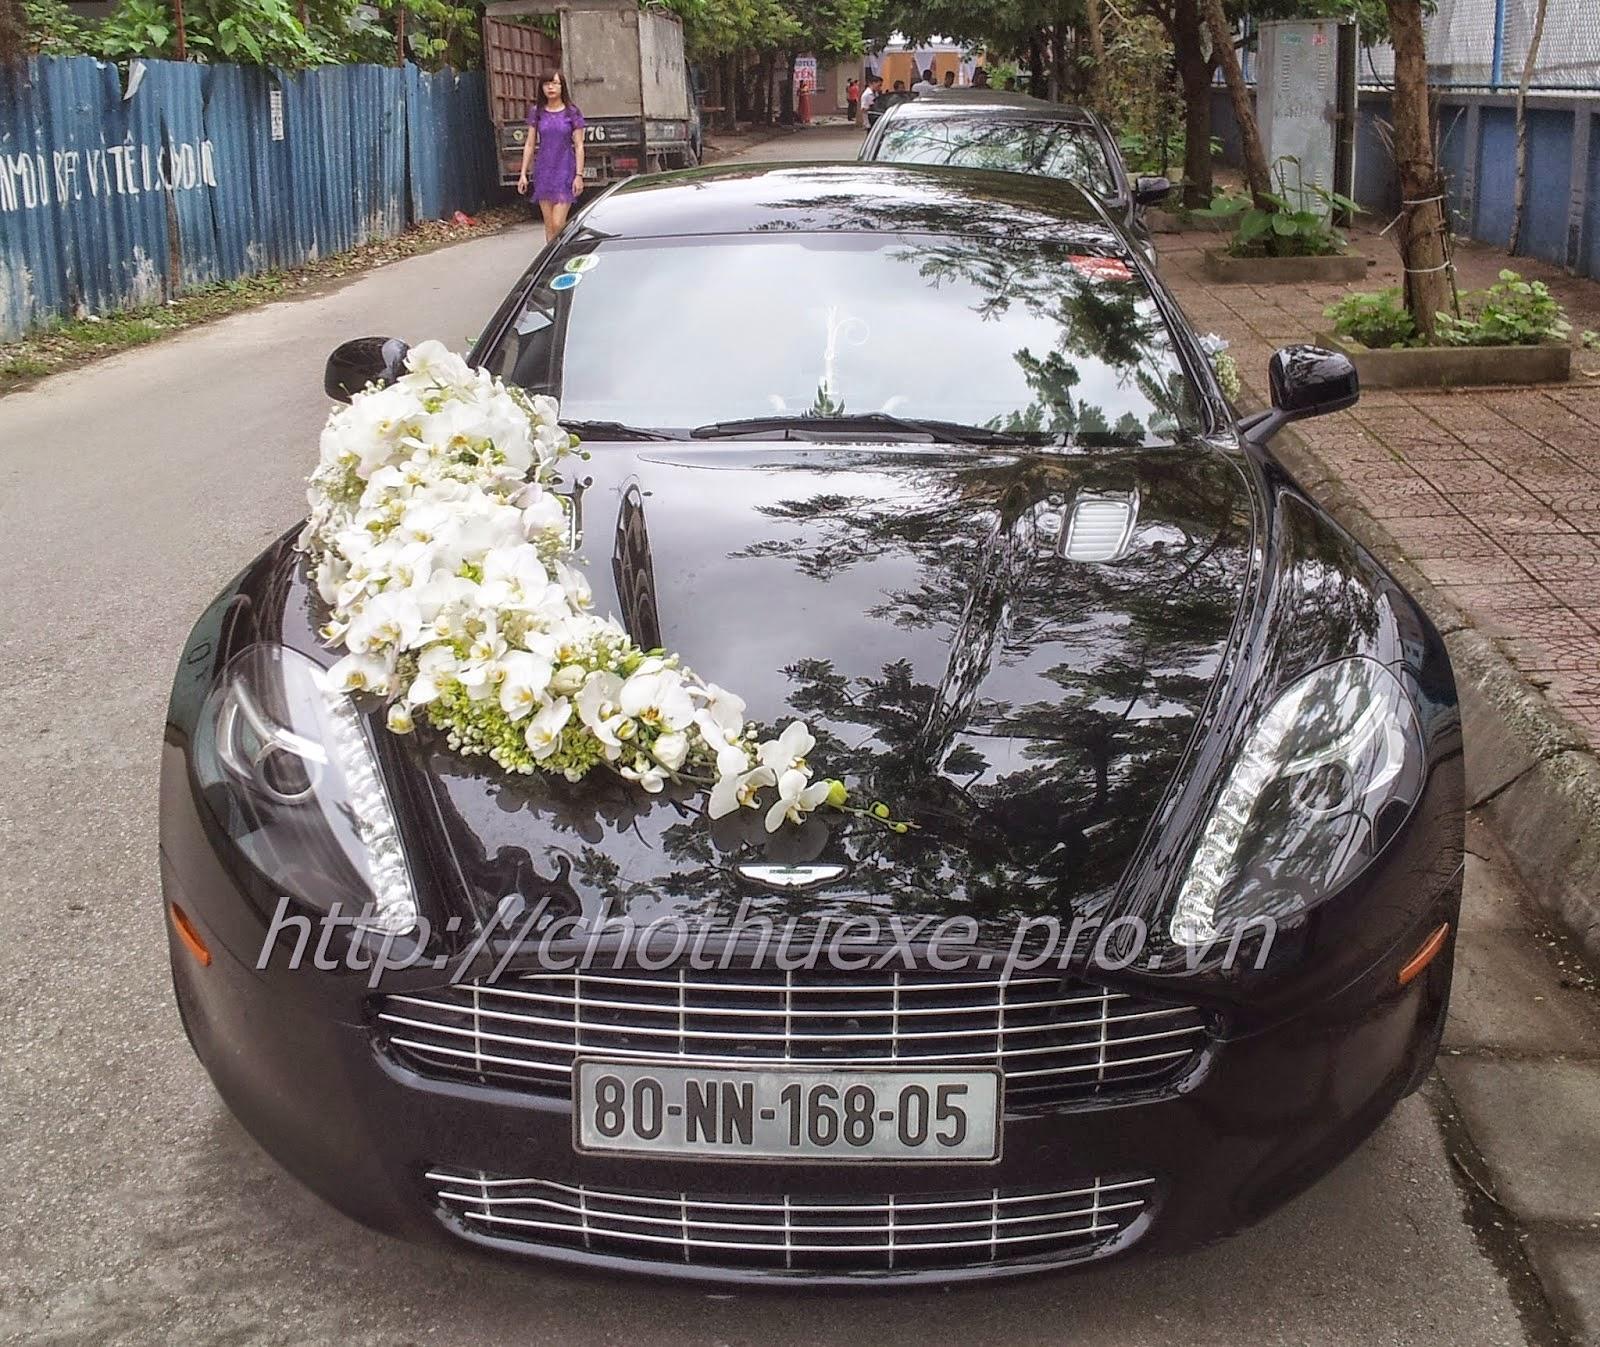 Cho thuê siêu xe Aston Martin Rapide - Công ty Đức Vinh Trans